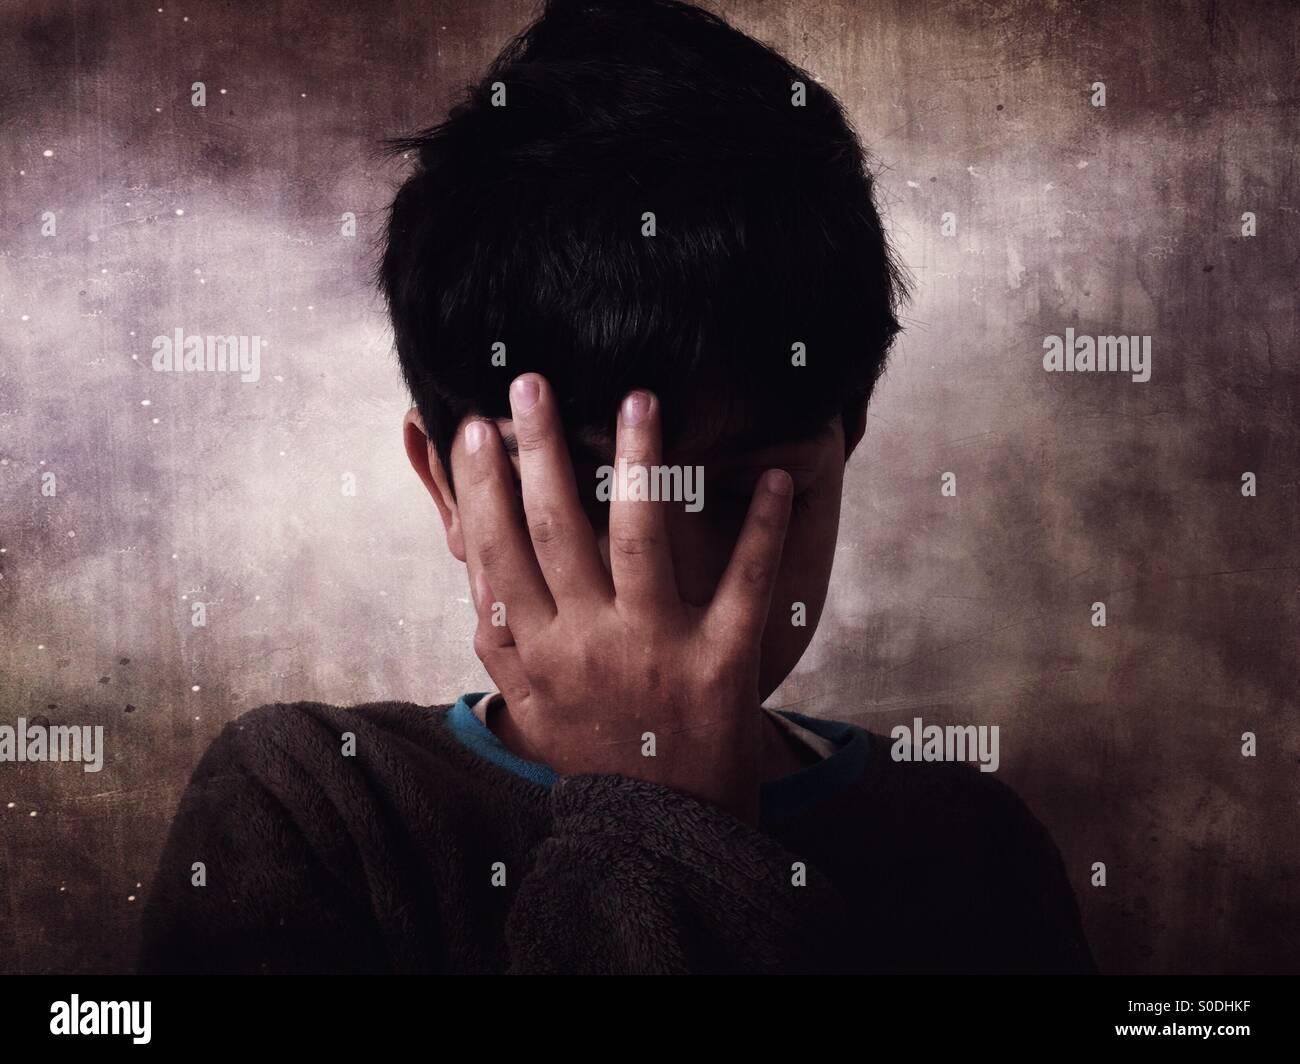 Garçon misérable de se cacher le visage avec la main Photo Stock